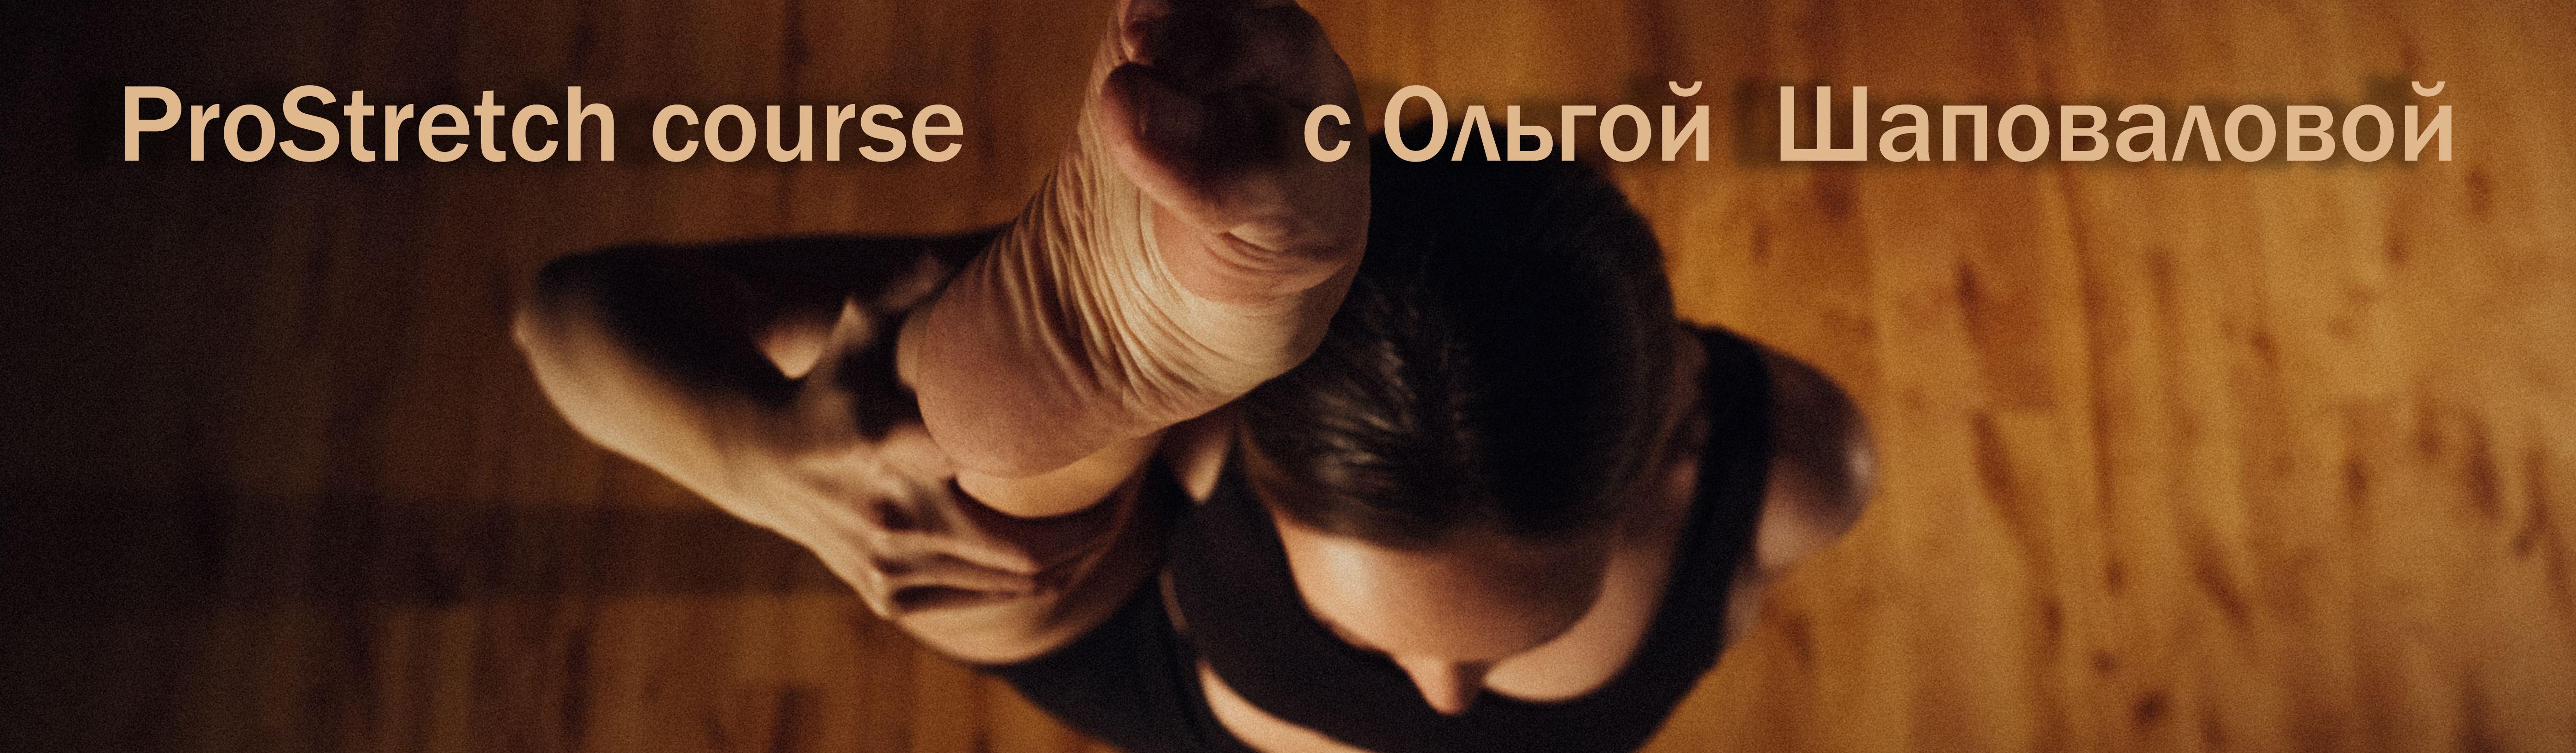 Онлайн КУРС РАСТЯЖКИ ДЛЯ ТАНЦОВЩИКОВ